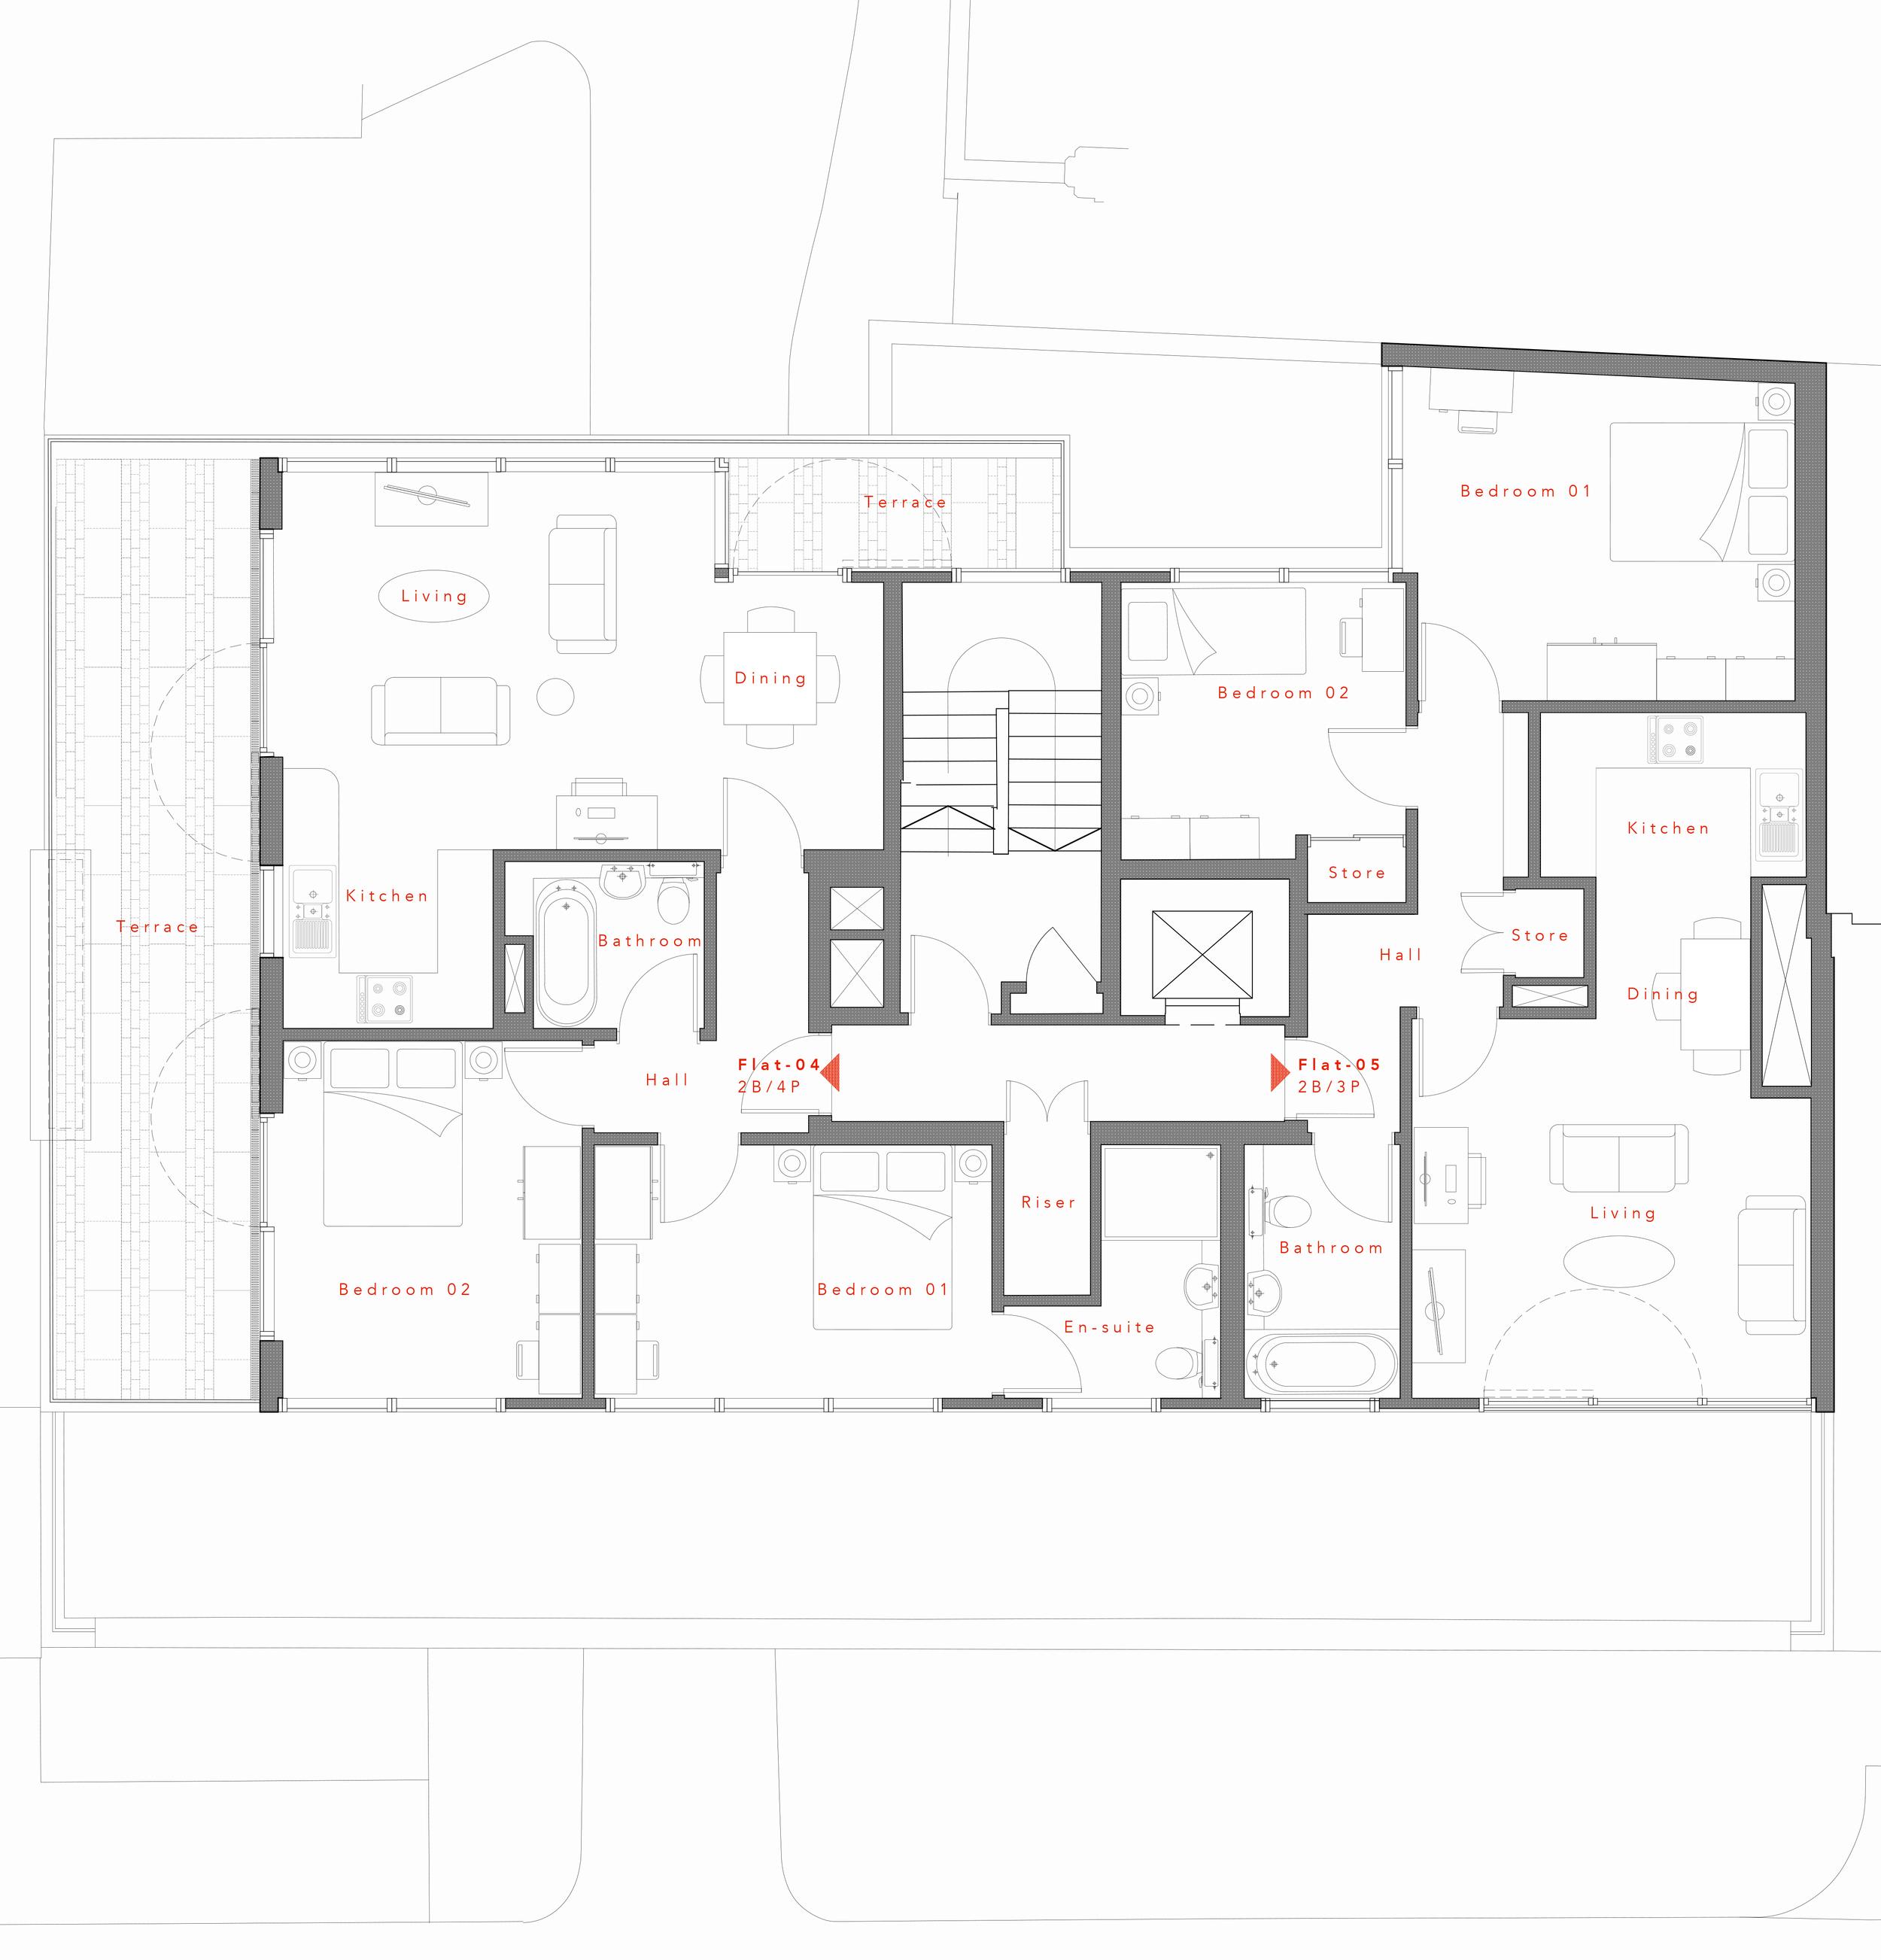 A219-option-01-6th floor.jpg